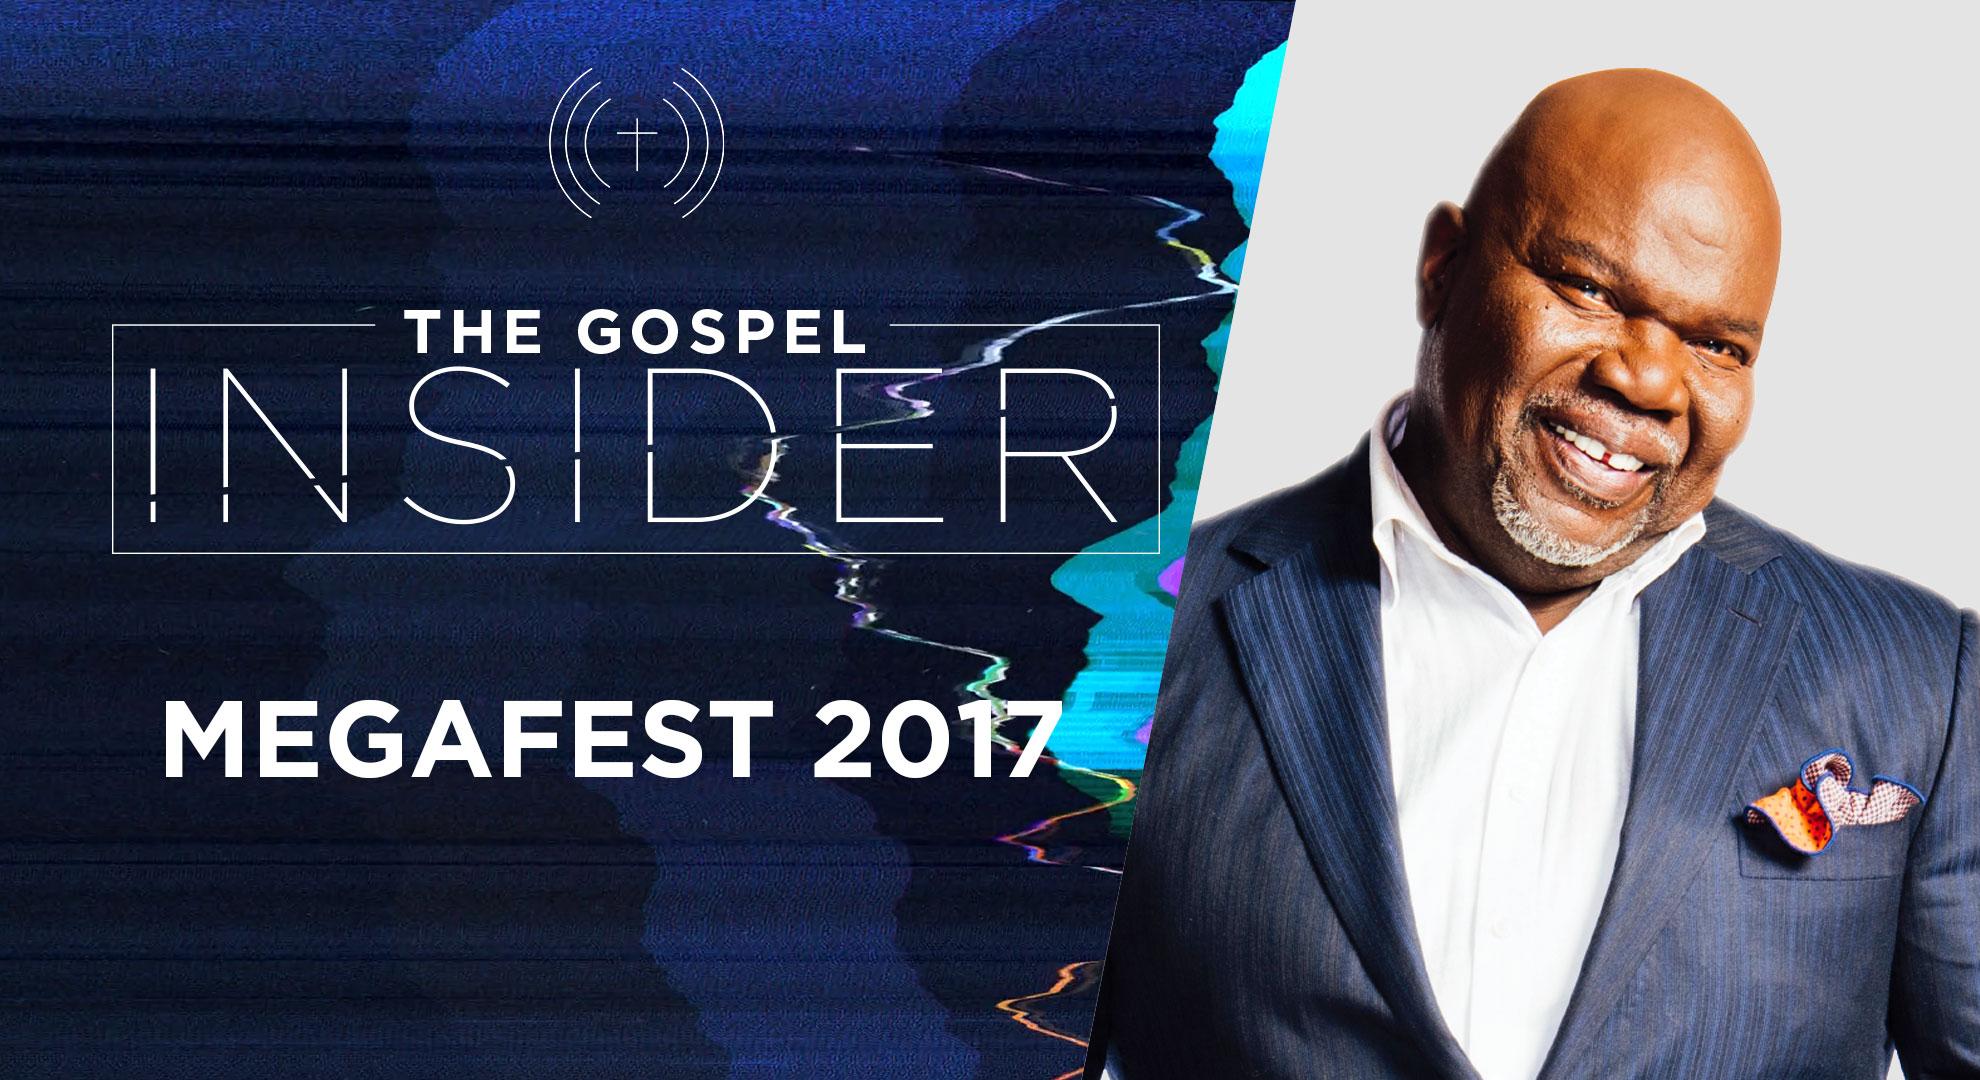 The Gospel Insider – Megafest 2017